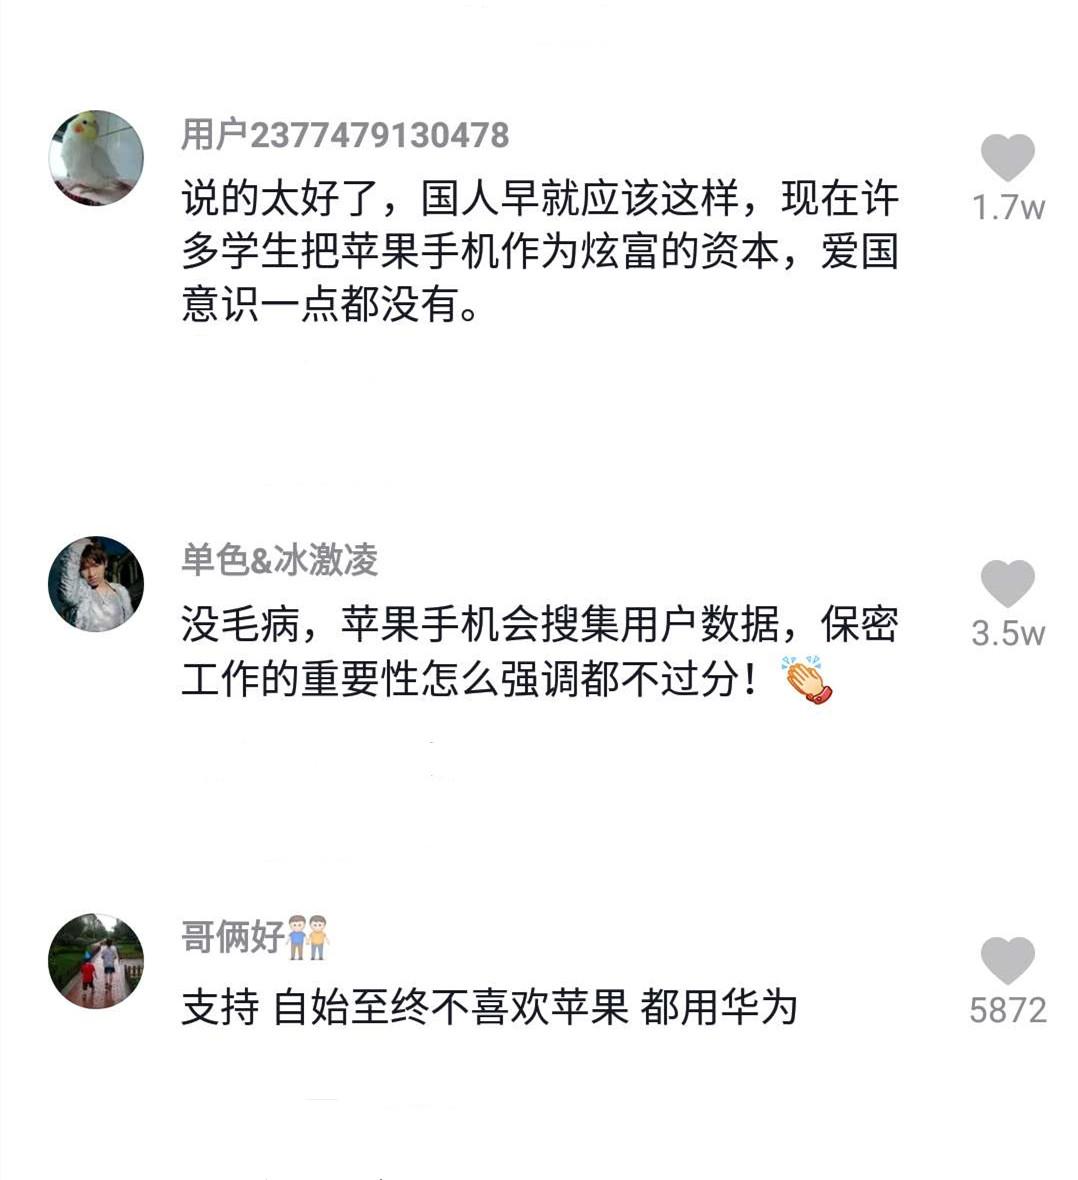 江苏一公司要求员工改用国产手机